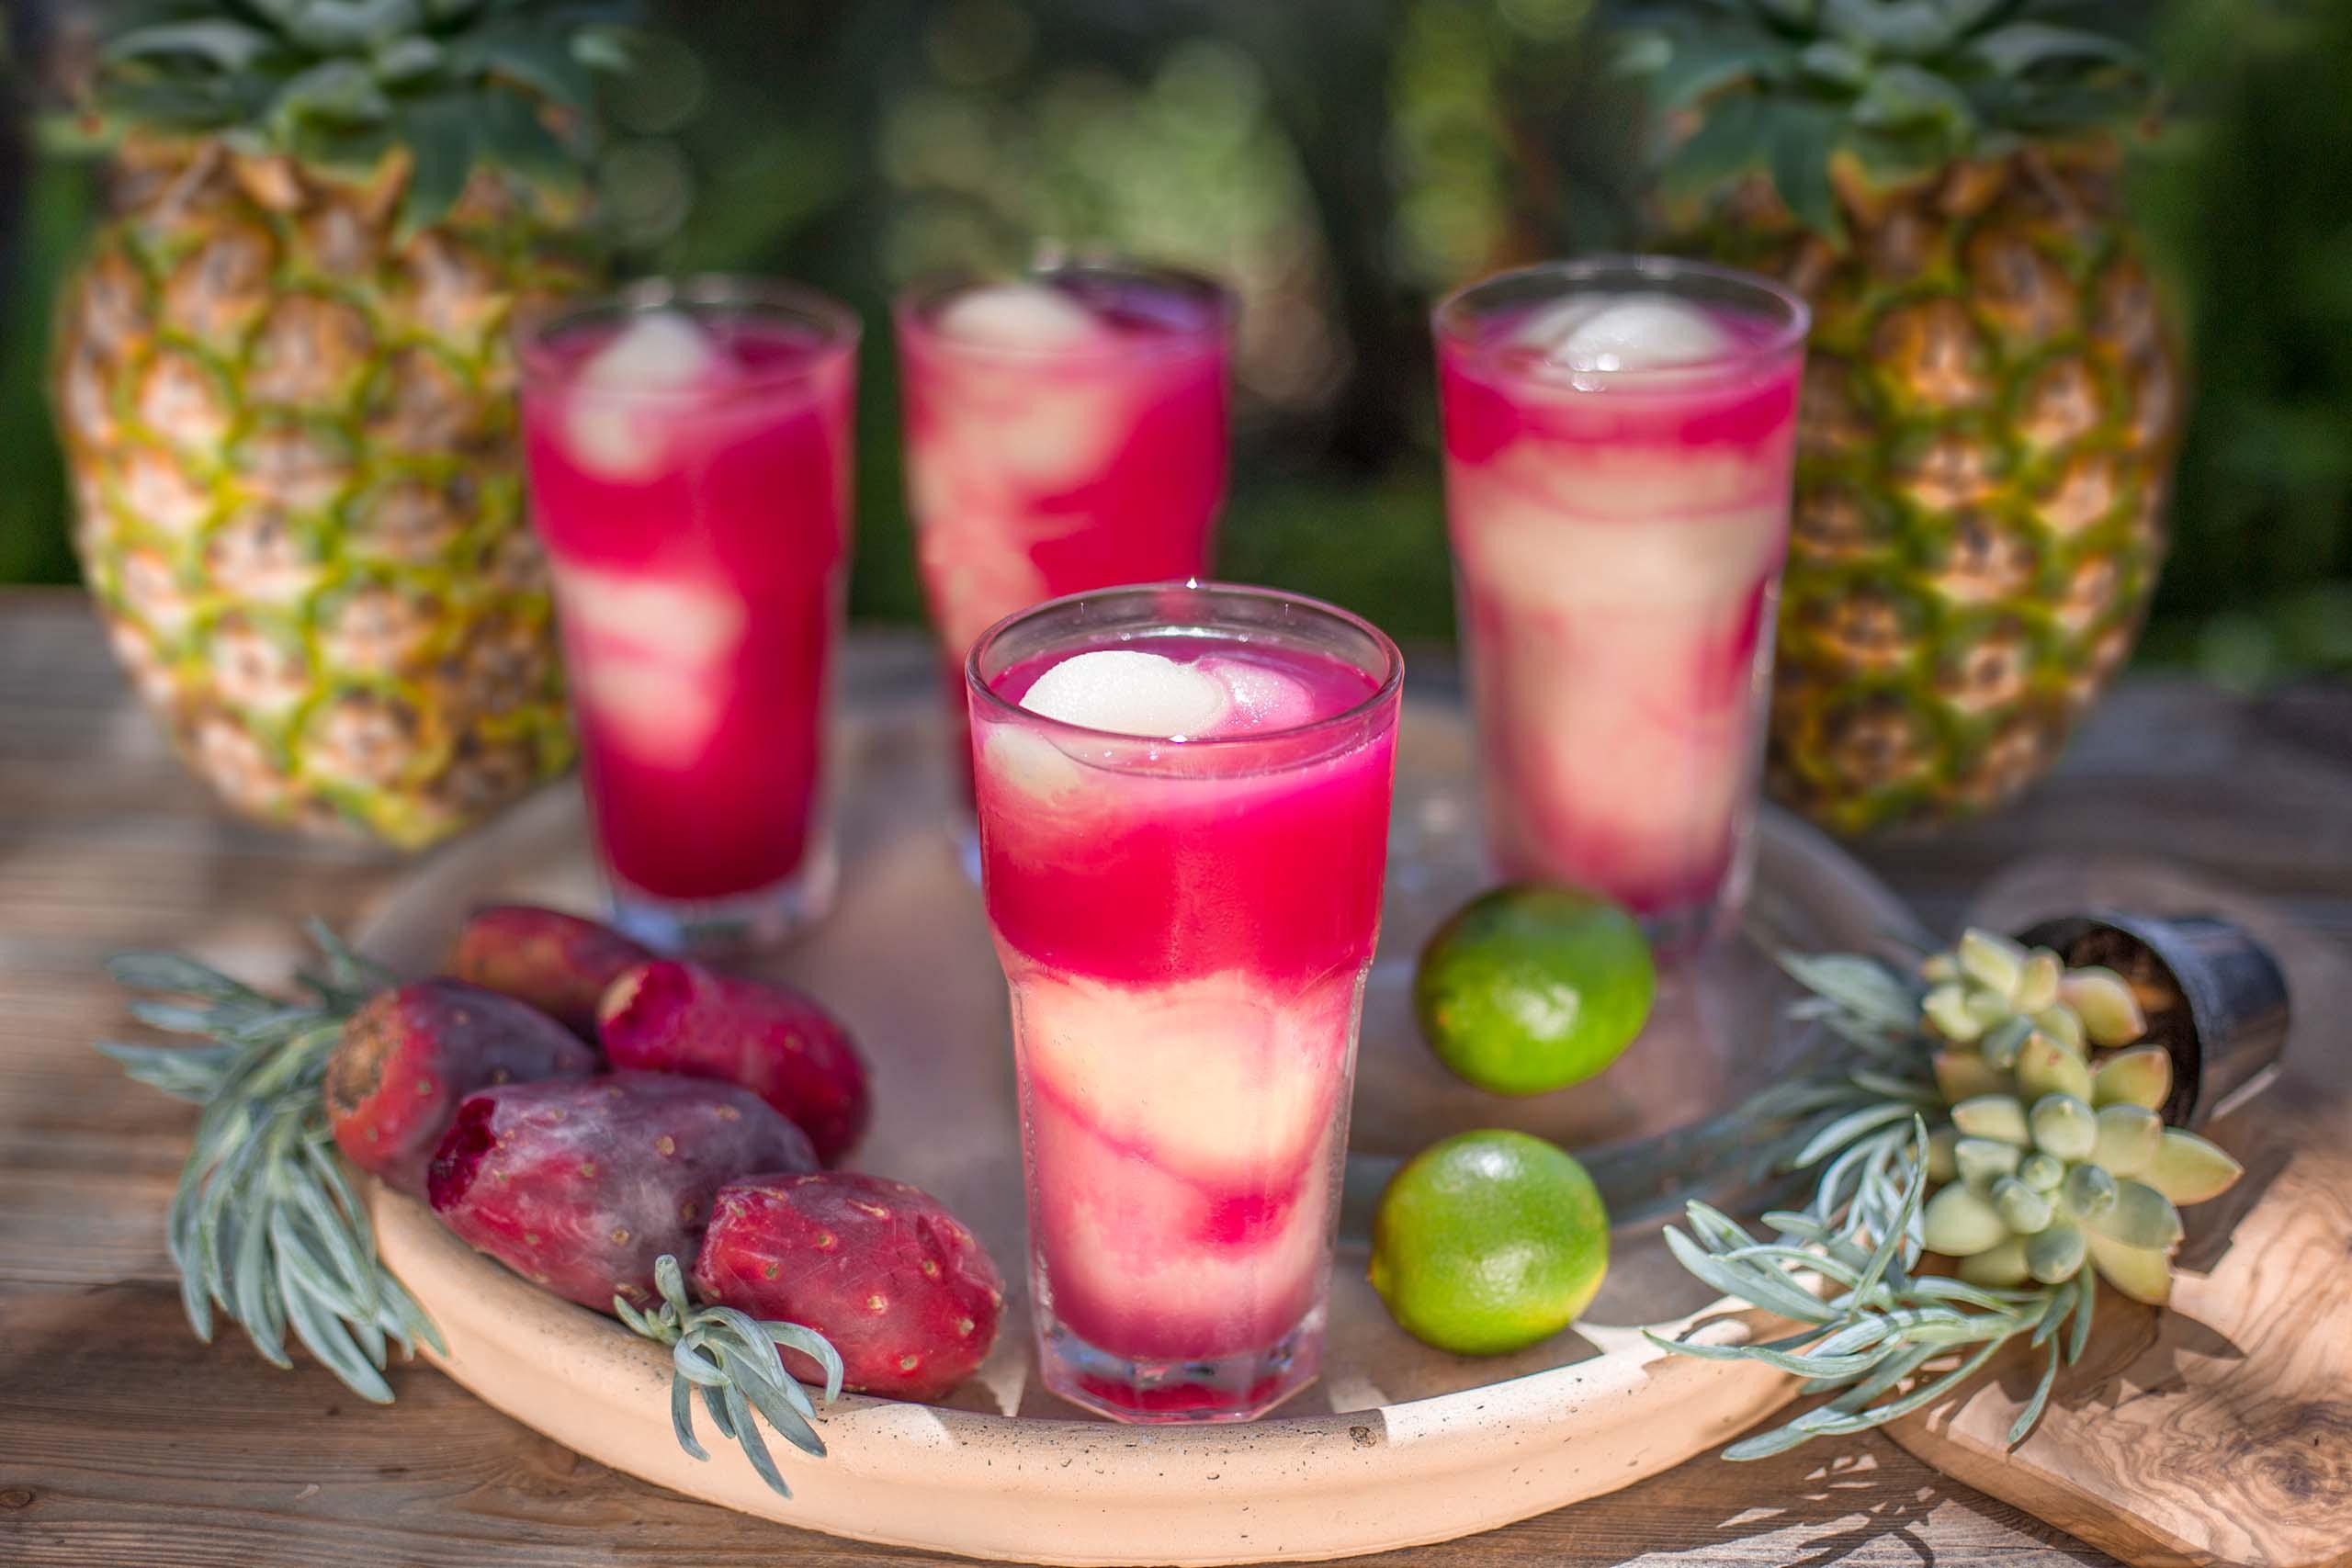 Tito's Prickly Pear Pineapple Swirl Photo